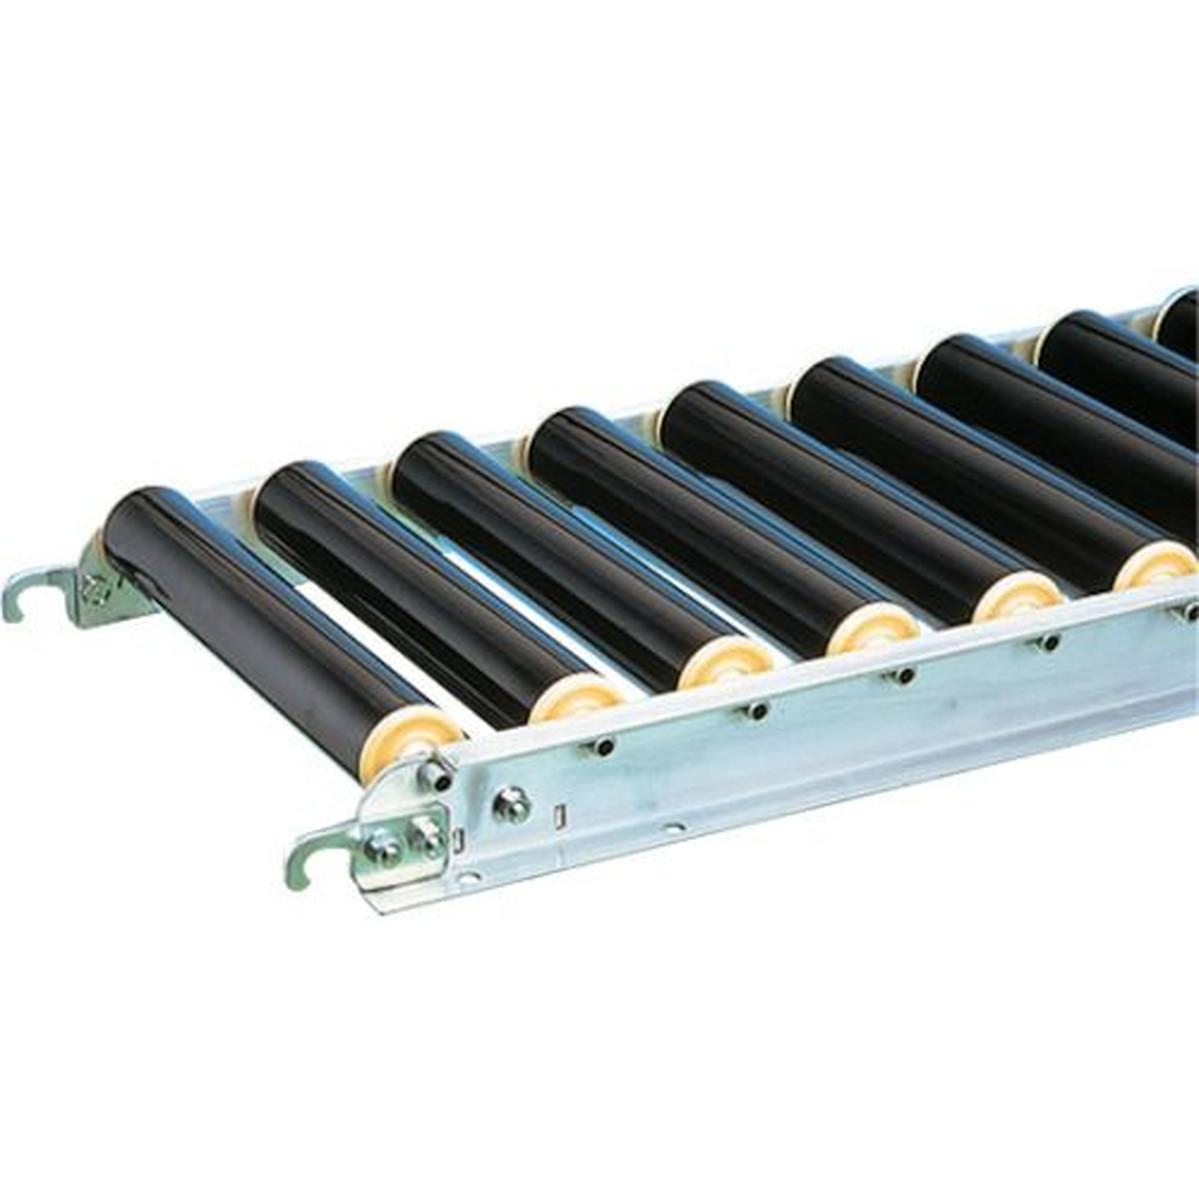 お見舞い 三鈴 樹脂ローラコンベヤMR50B型Ф50X3.5T 幅400 三鈴 カーブ90° 幅400 1台, リットウシ:34f8ac51 --- superbirkin.com